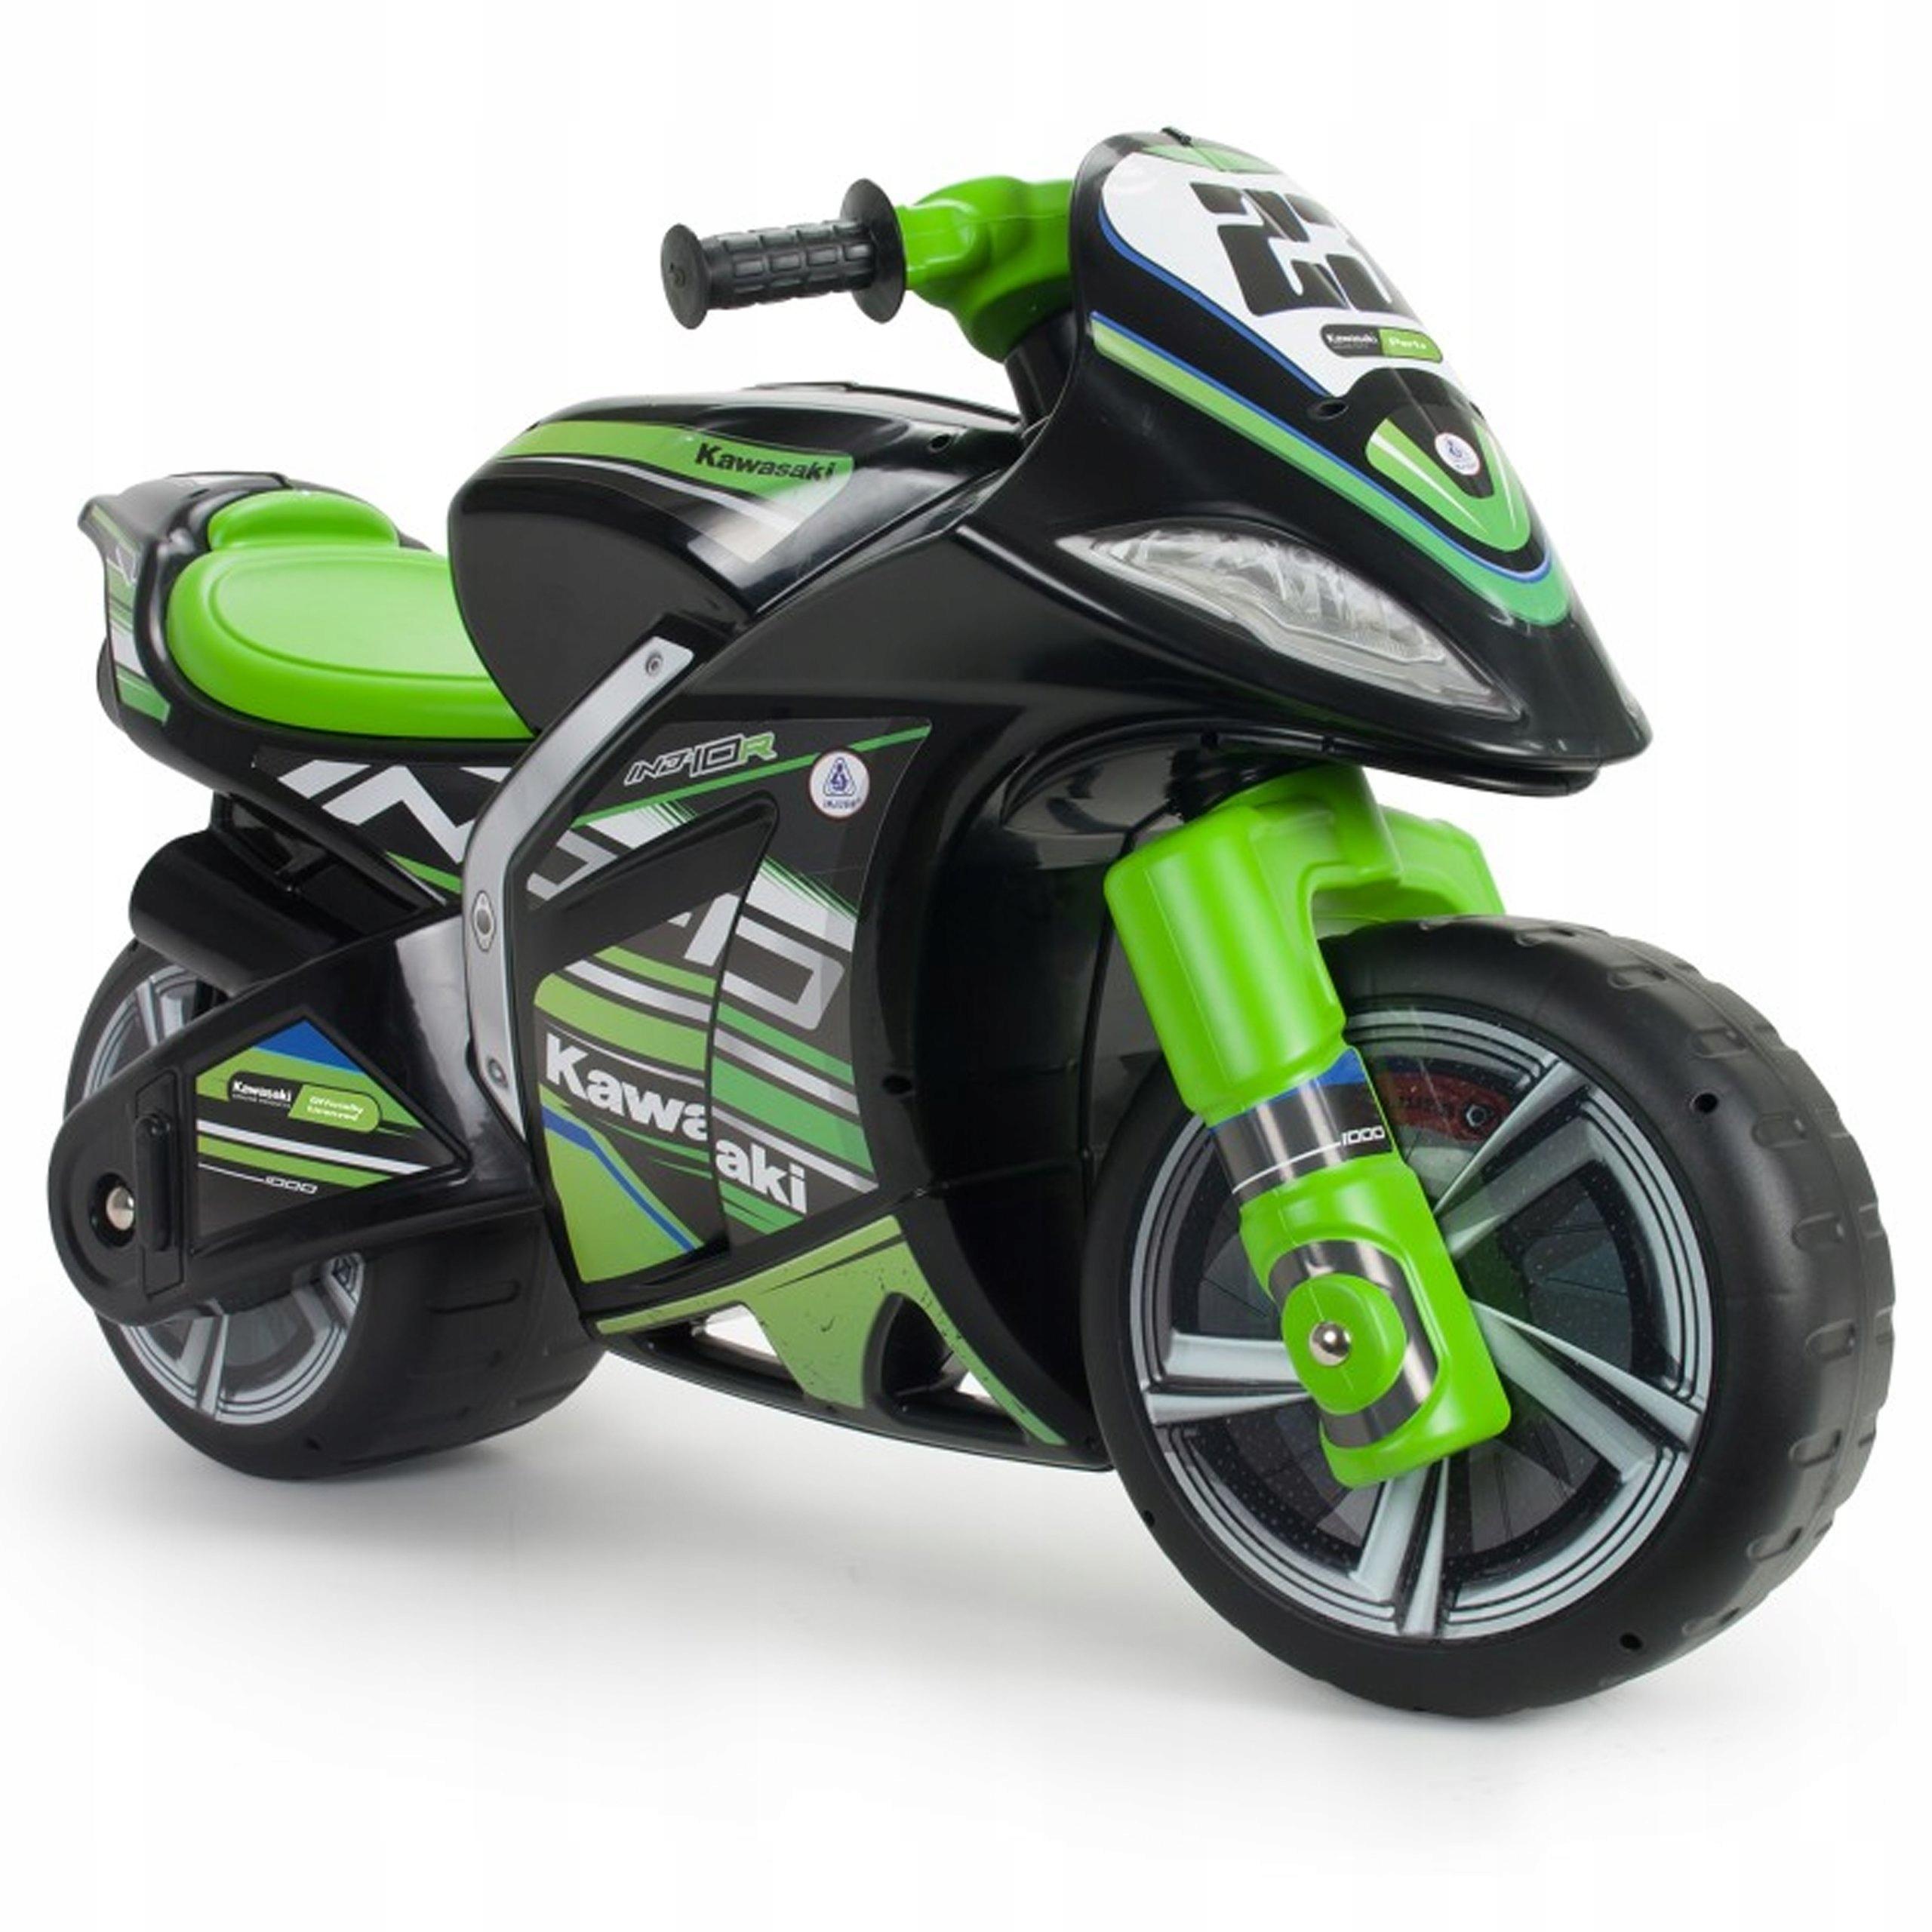 Motor Kawasaki Biegowy Jezdzik Dla Dzieci Injusa 8696142037 Allegro Pl